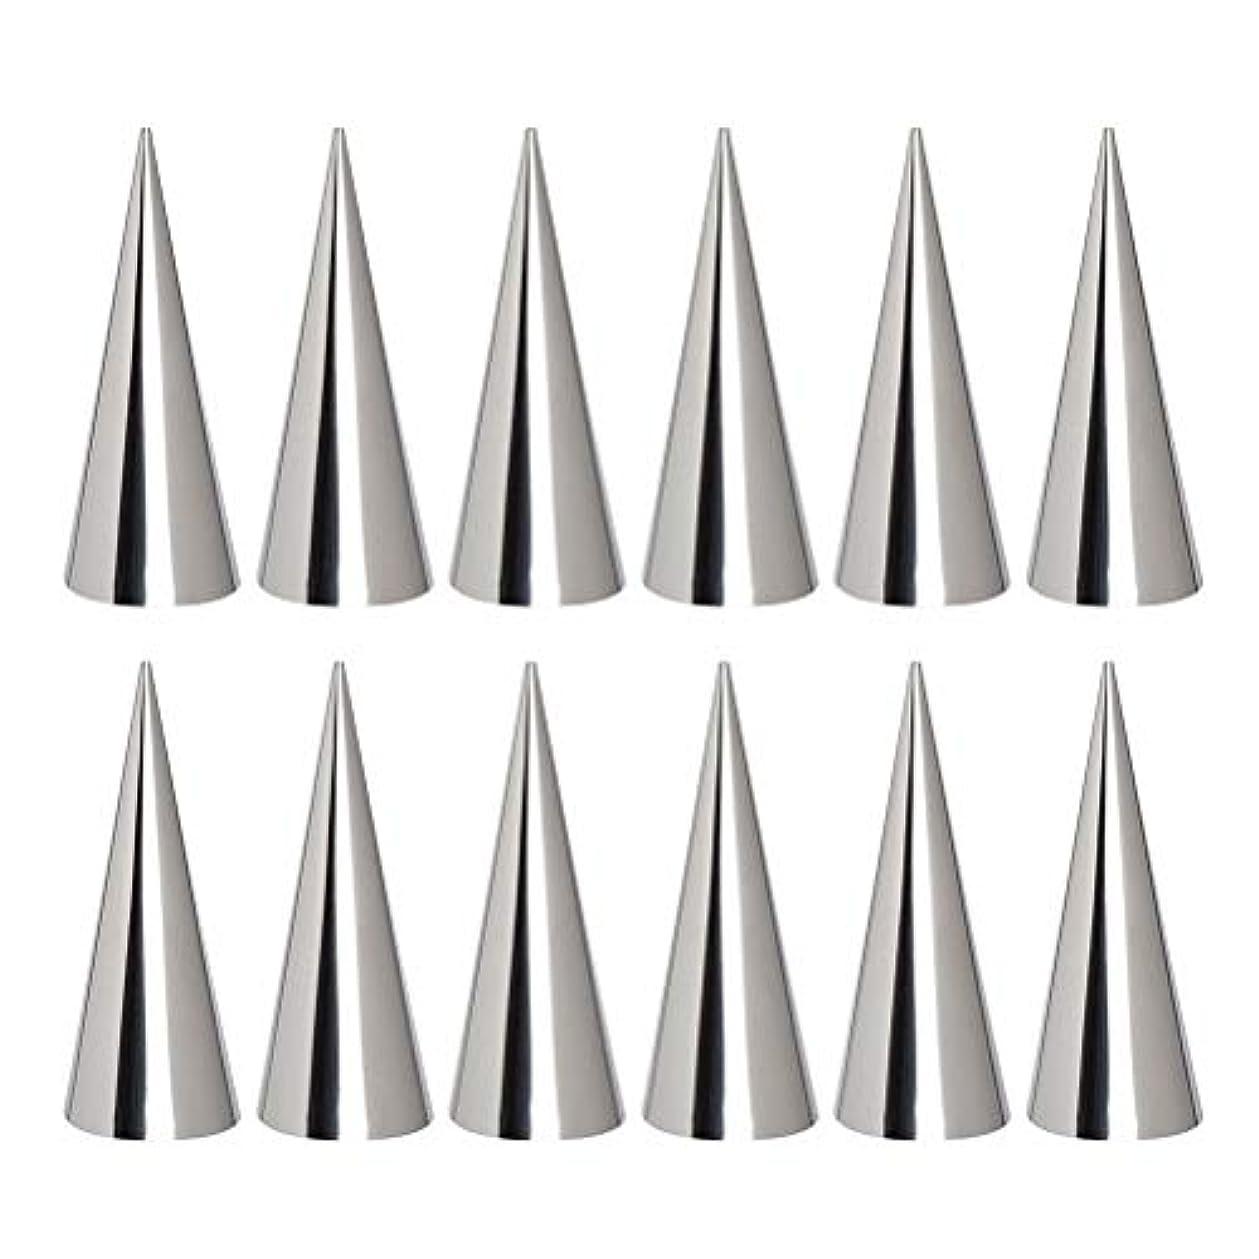 発行シンプルさ不運BESTONZON 12ピースクロワッサン金型クリームホーン金型コーンホーン金型キッチンベーキングコイルツールステンレス鋼